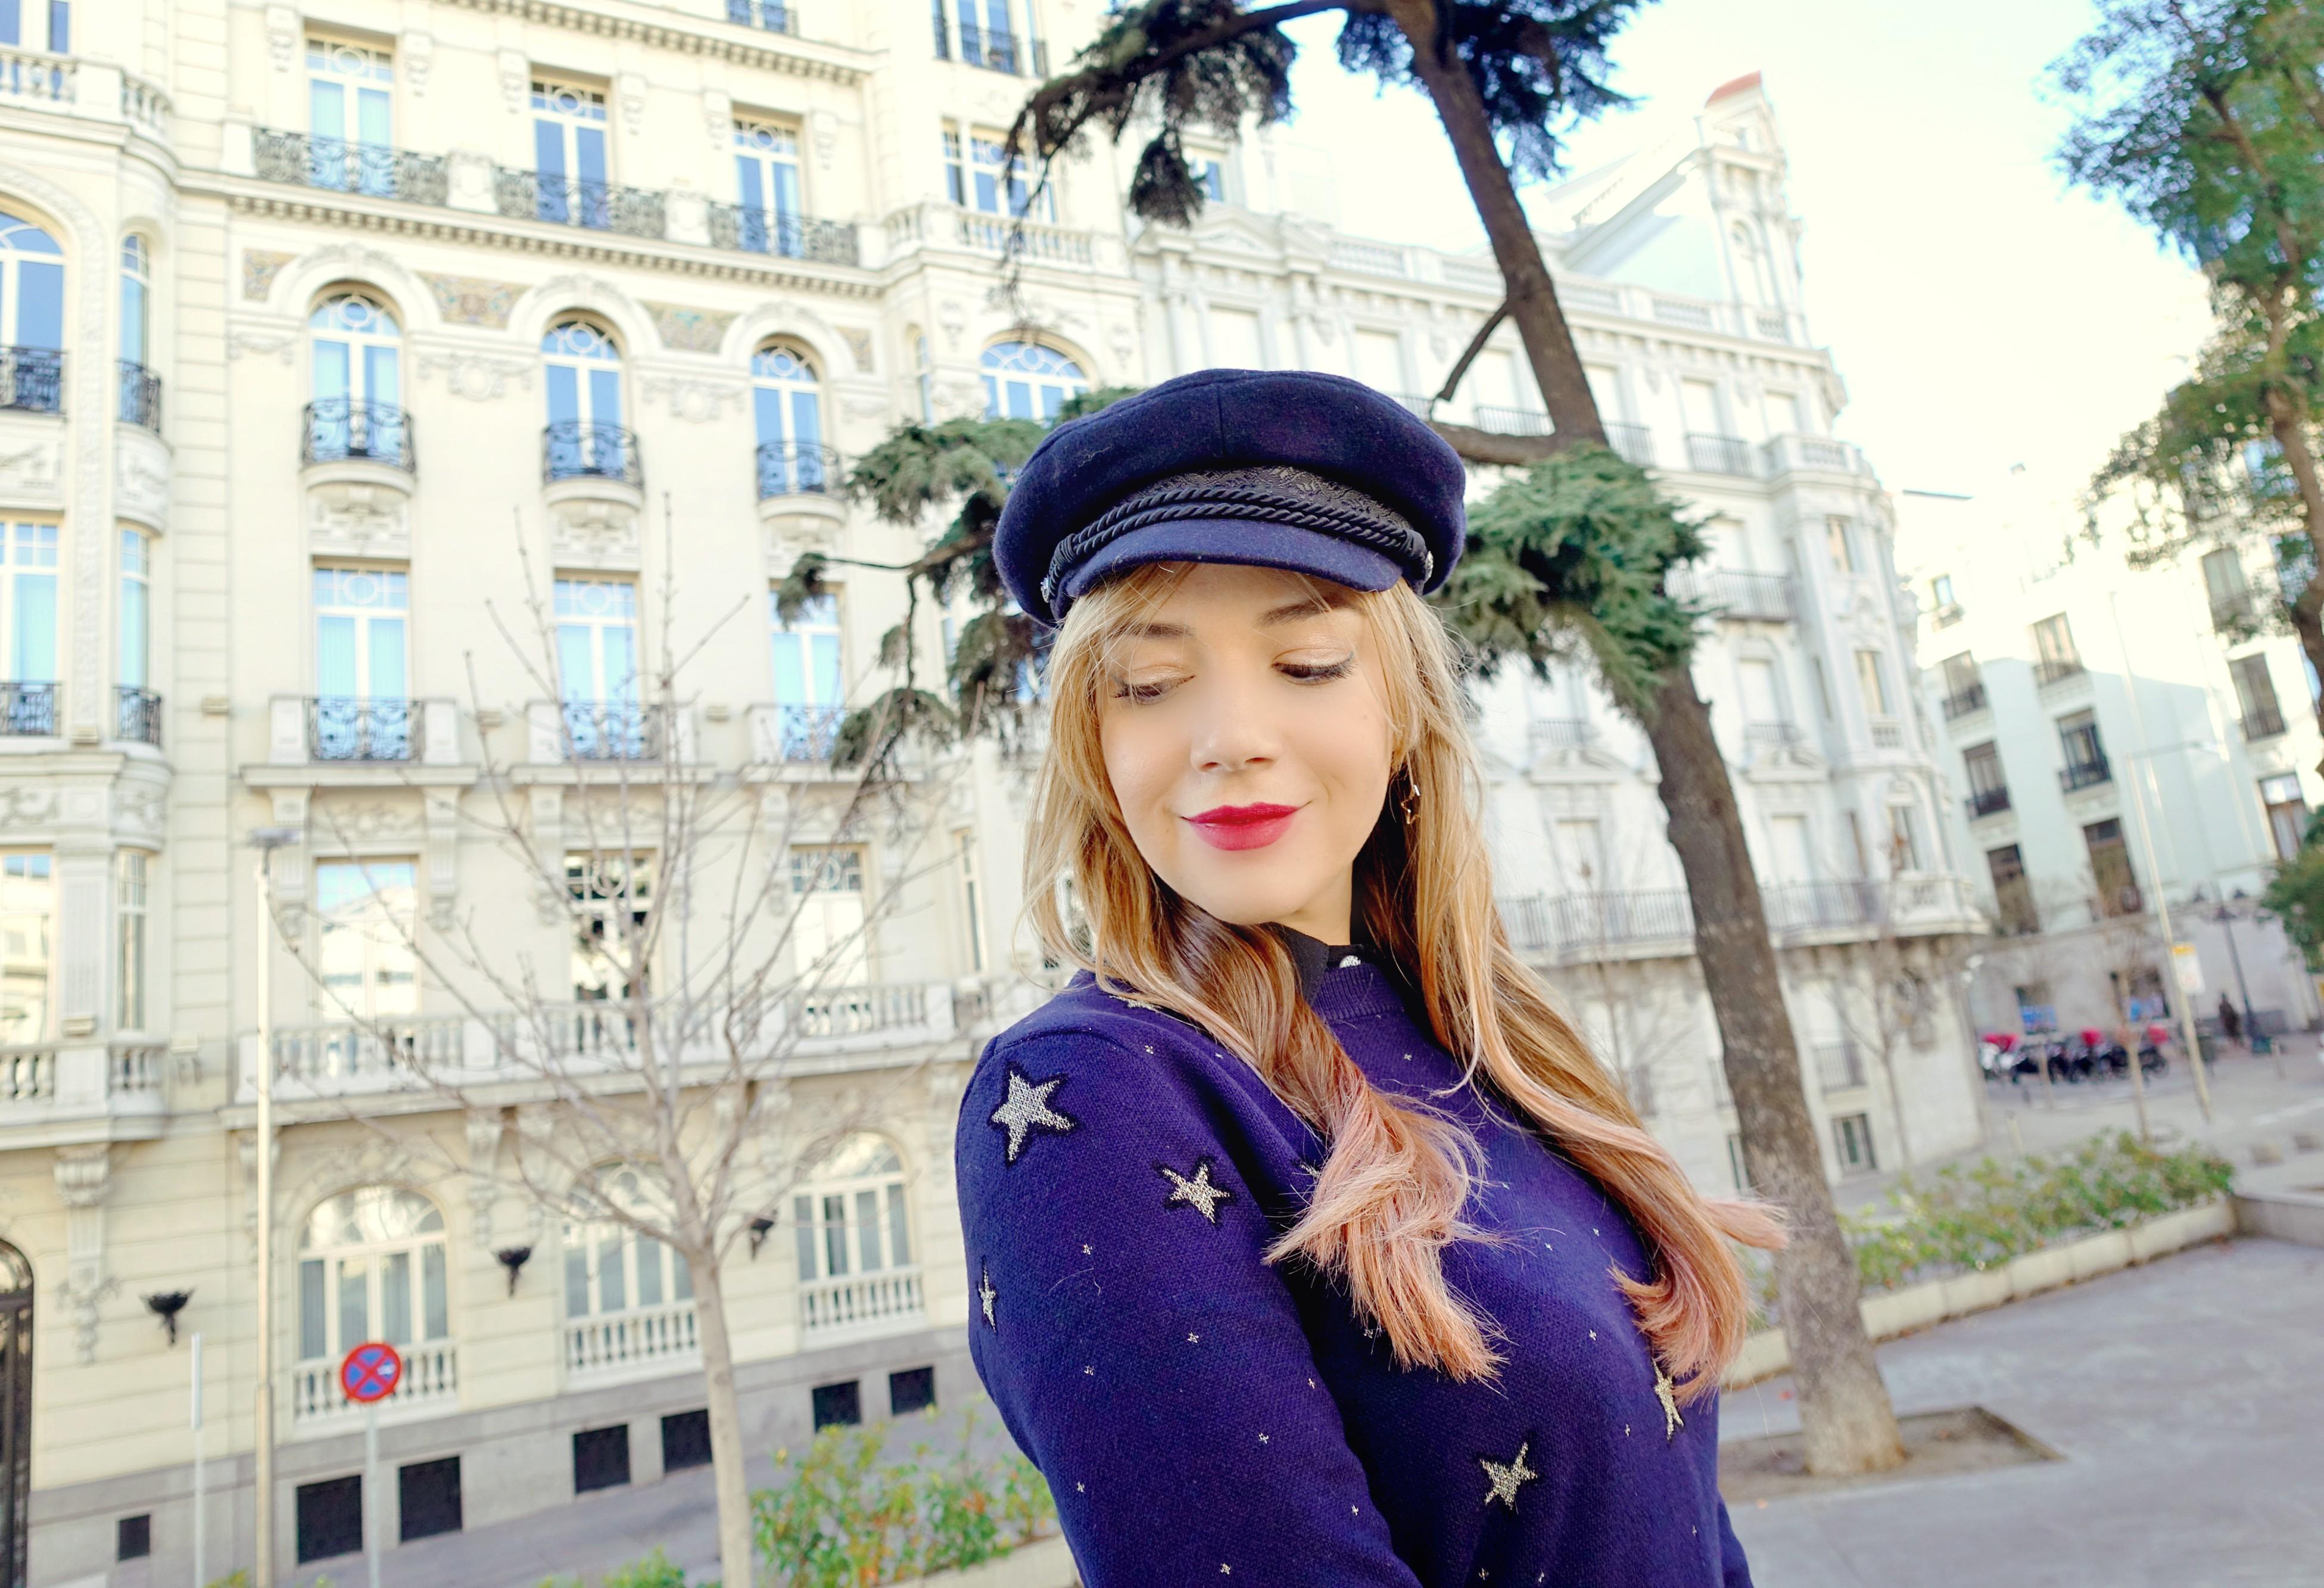 Amichi-jersey-de-estrellas-blog-de-moda-ChicAdicta-fashionista-Chic-Adicta-influencer-madrid-PiensaenChic-Piensa-en-Chic